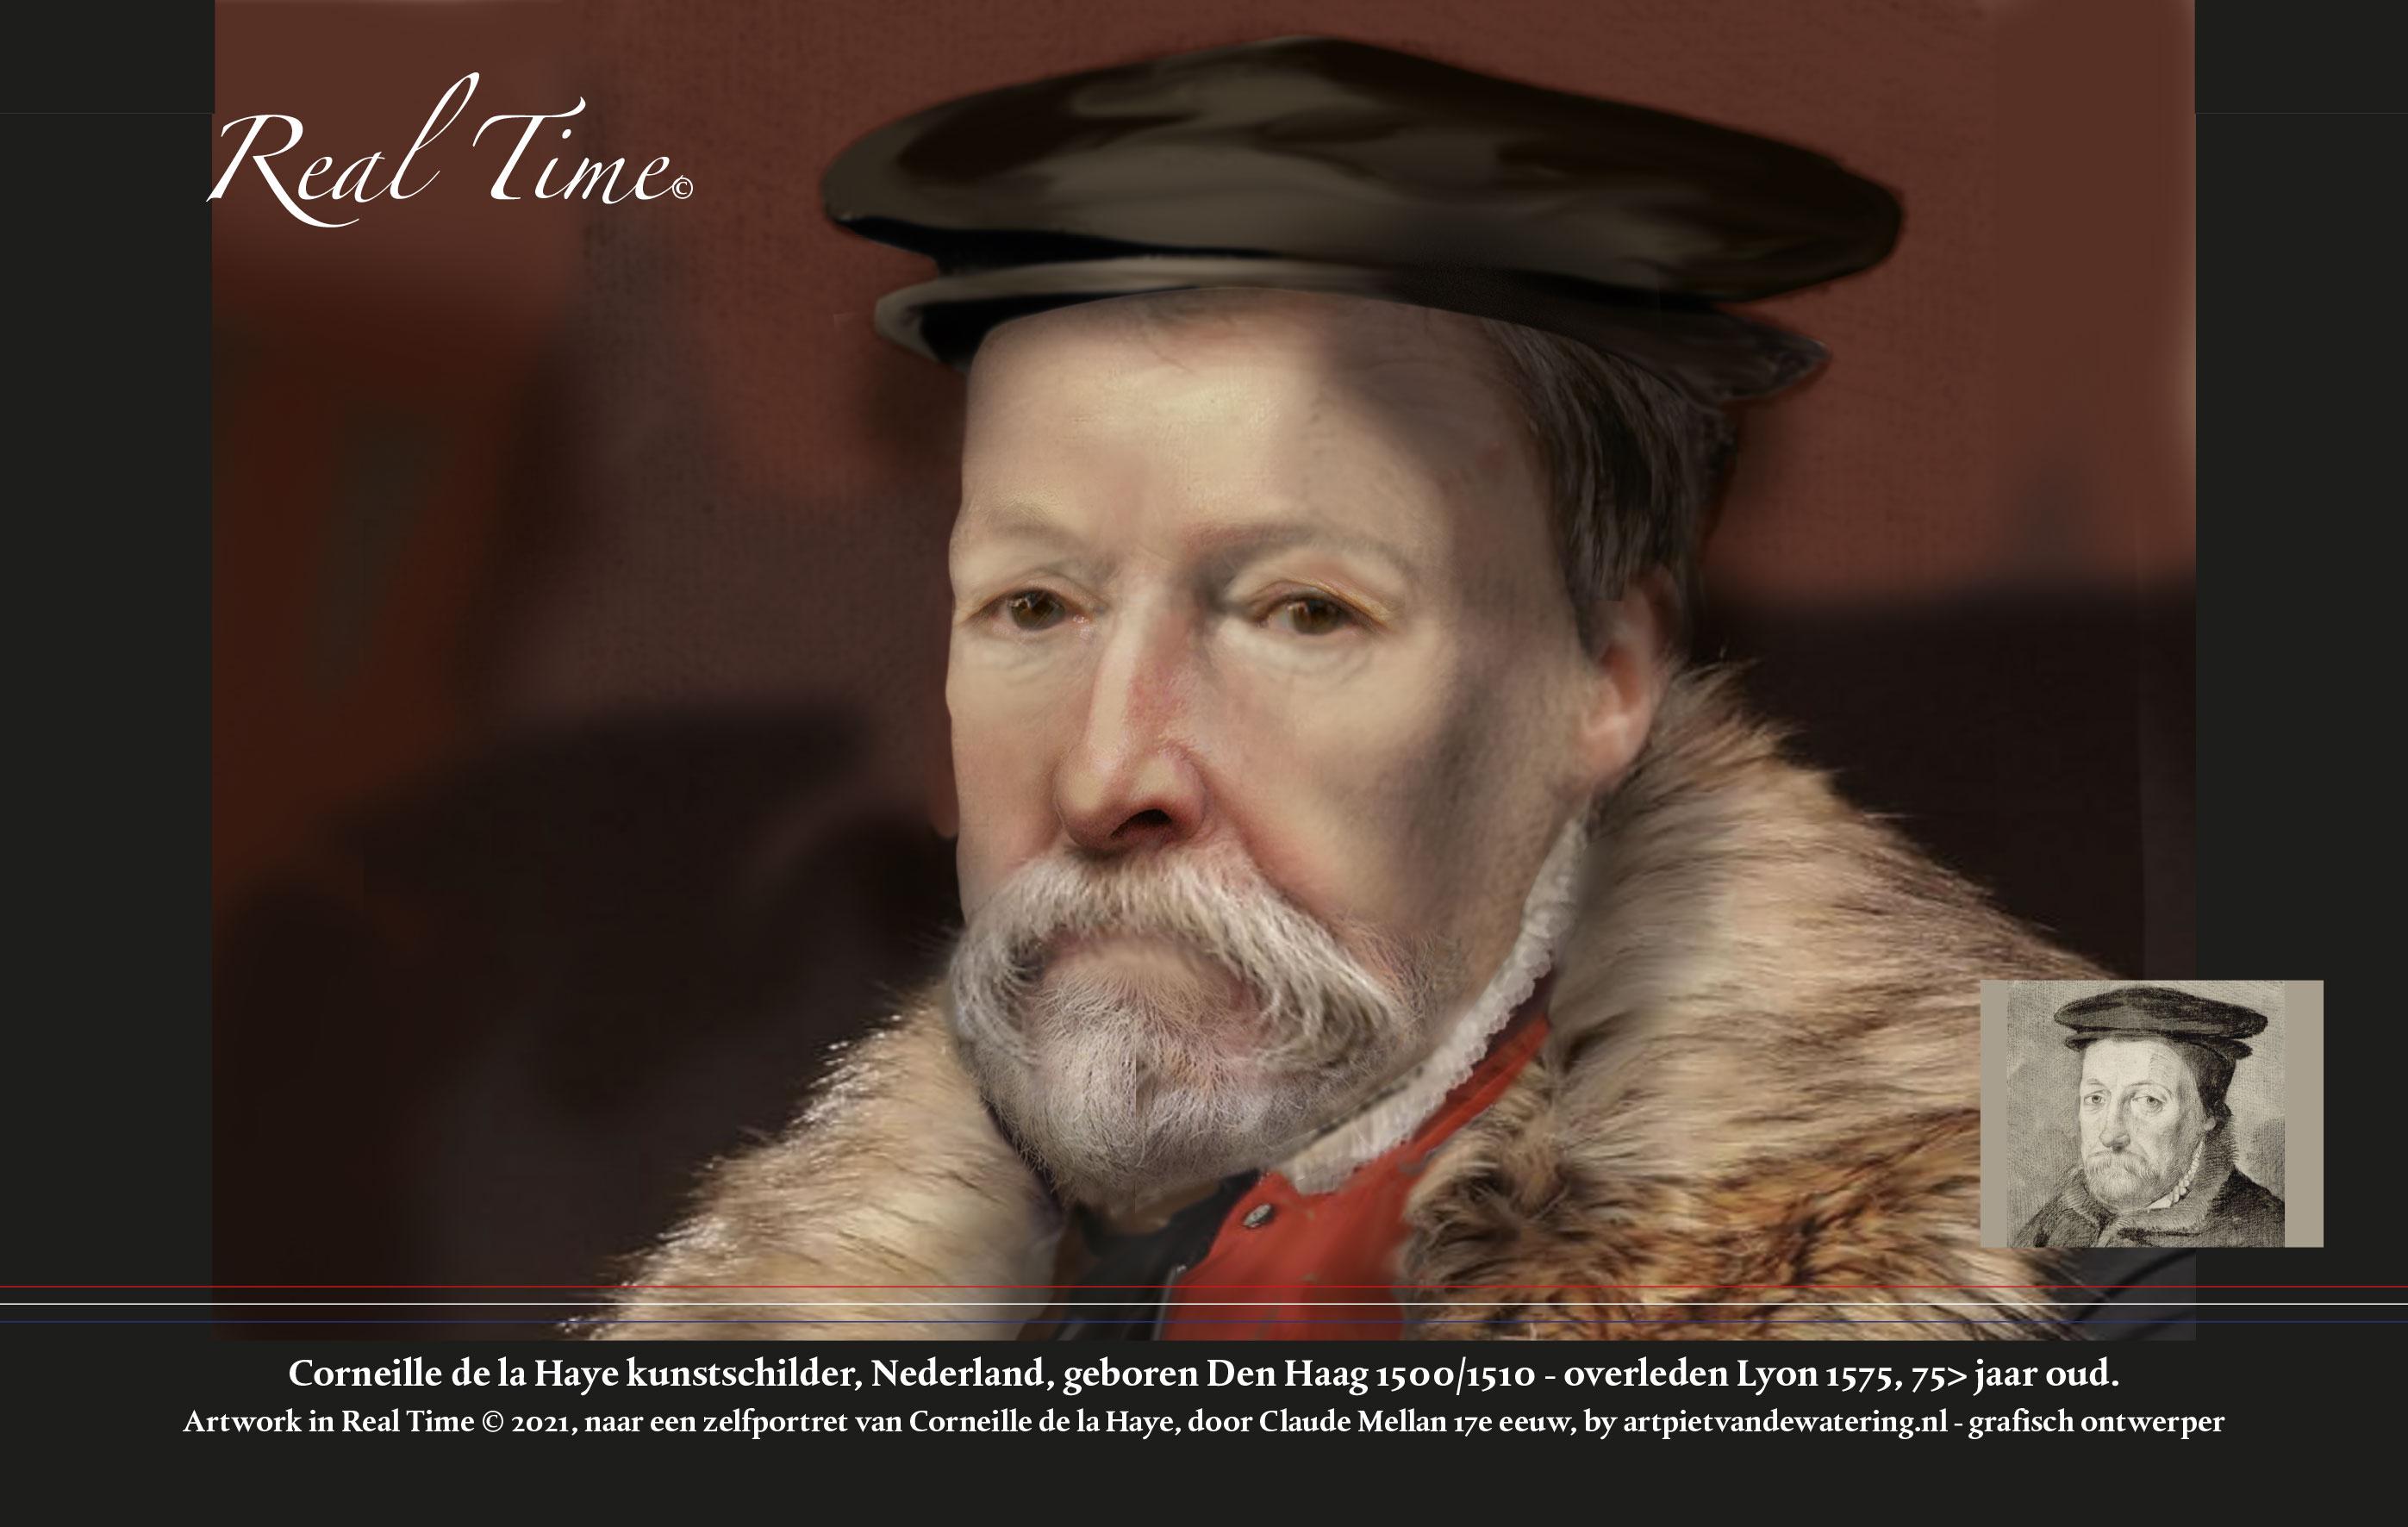 Corneille-de-la-Haye-1500)-1575